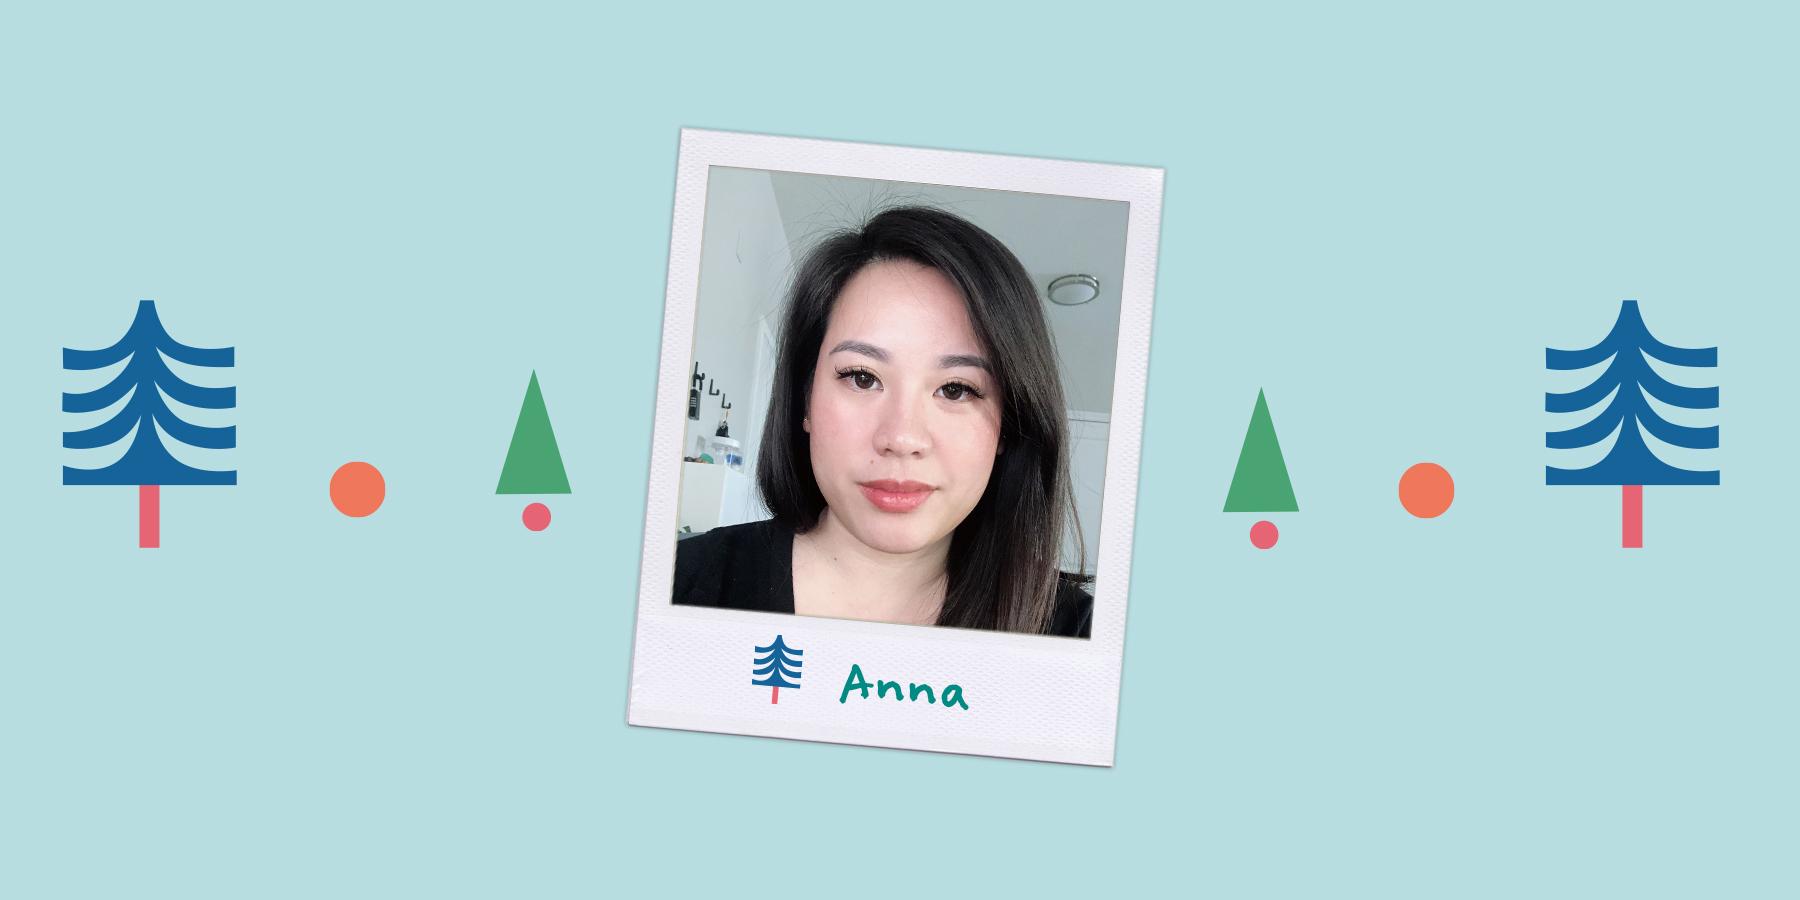 anna-updated